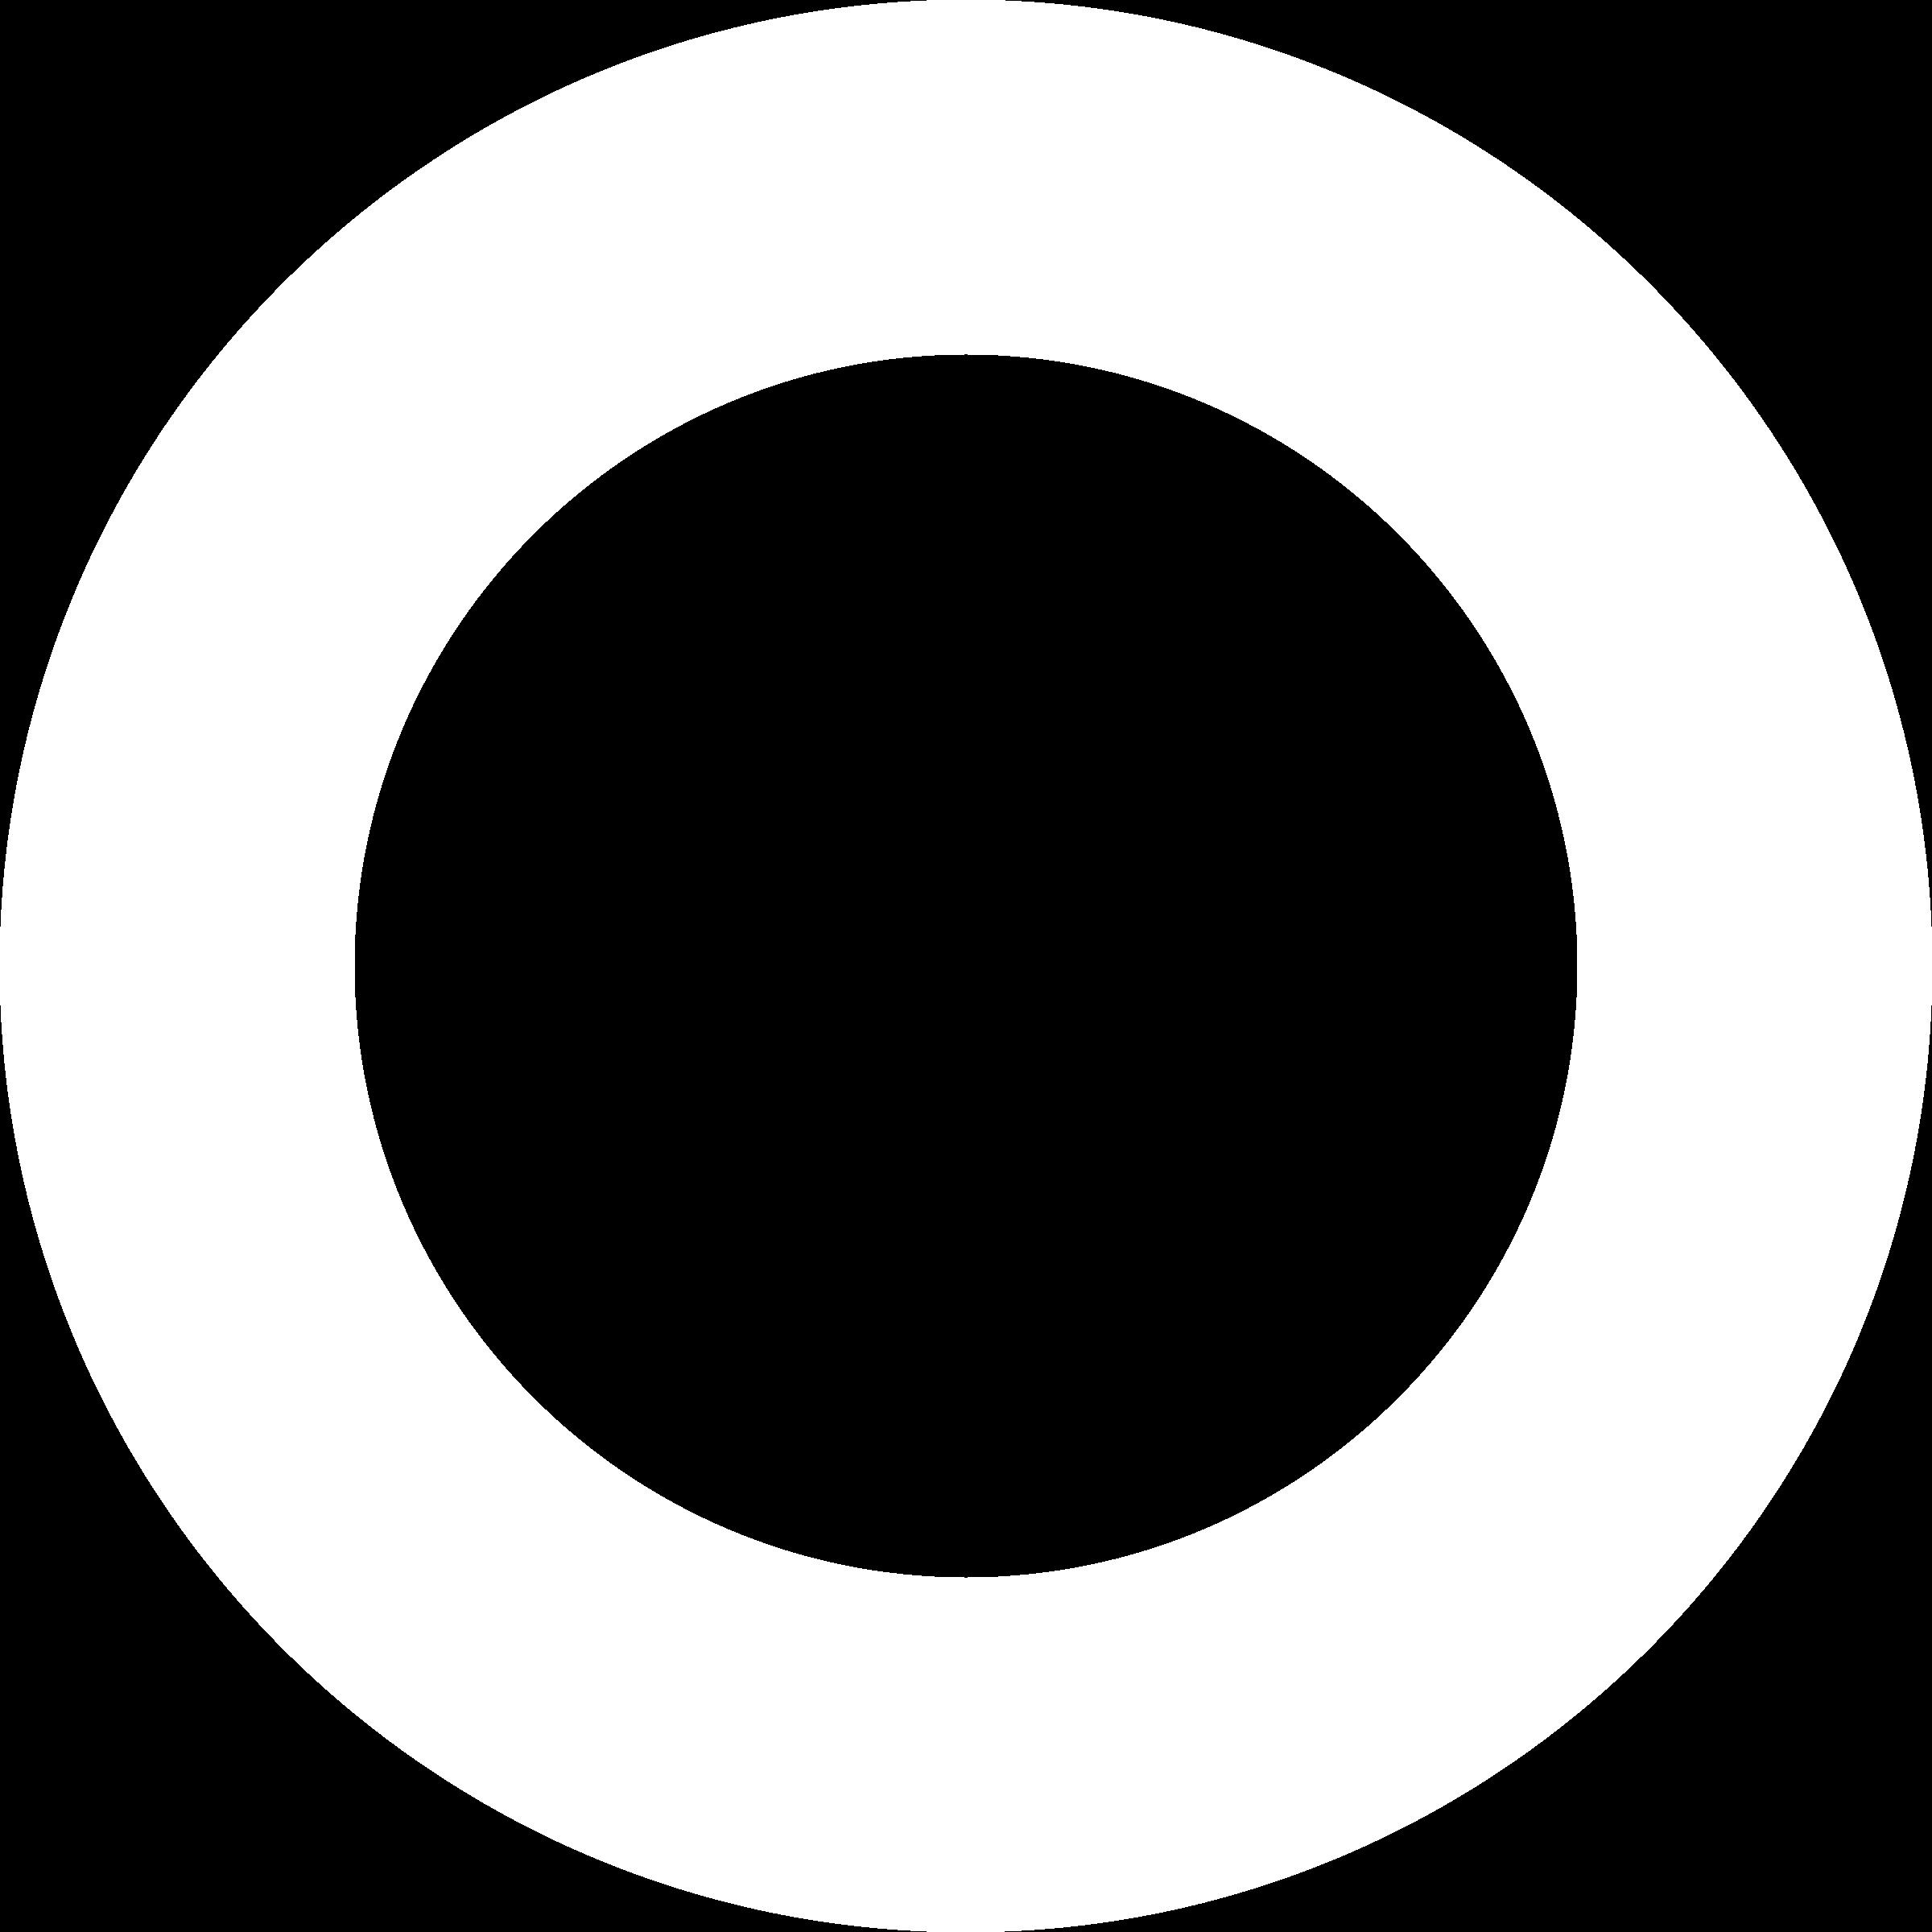 Cortana Microsoft Logo PNG Transparent & SVG Vector.